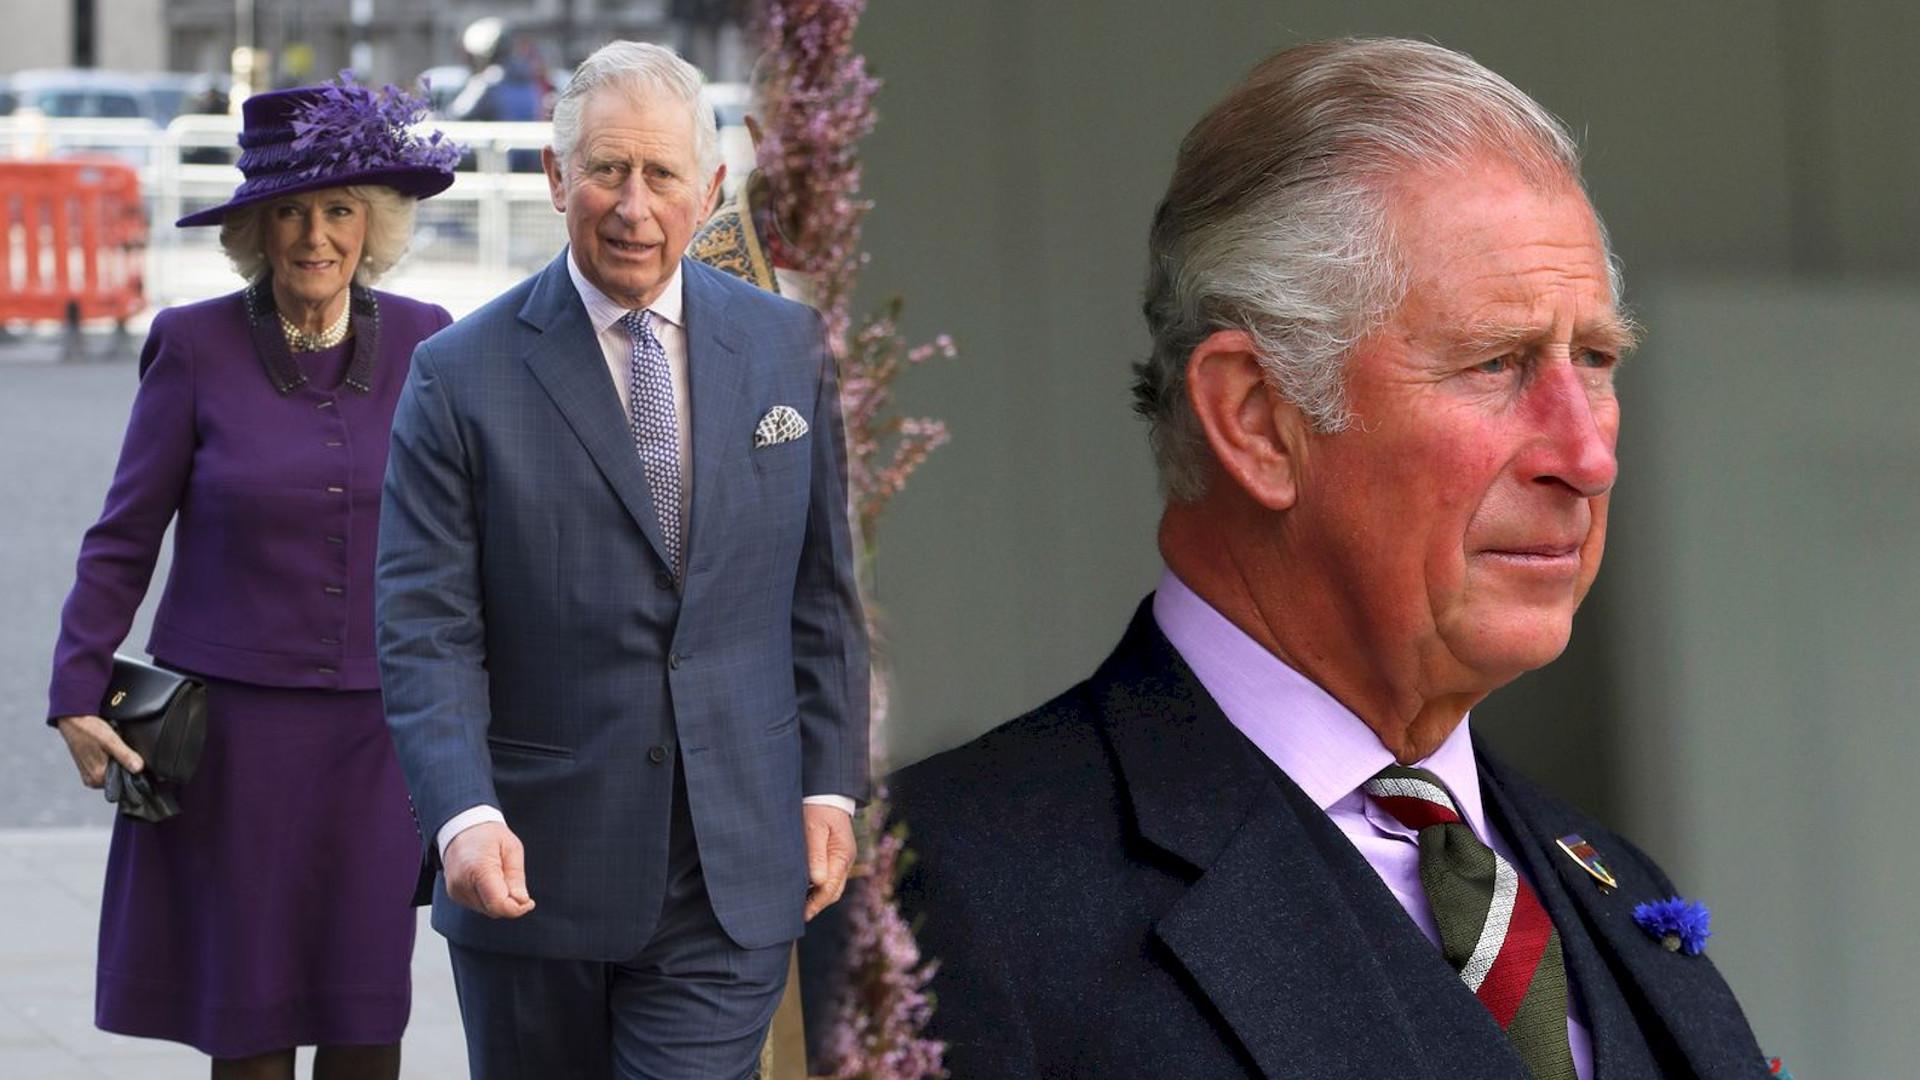 Jaki będzie tytuł księżnej Camilli, kiedy książę Karol zostanie królem? Na królewskim dworze zawrzało